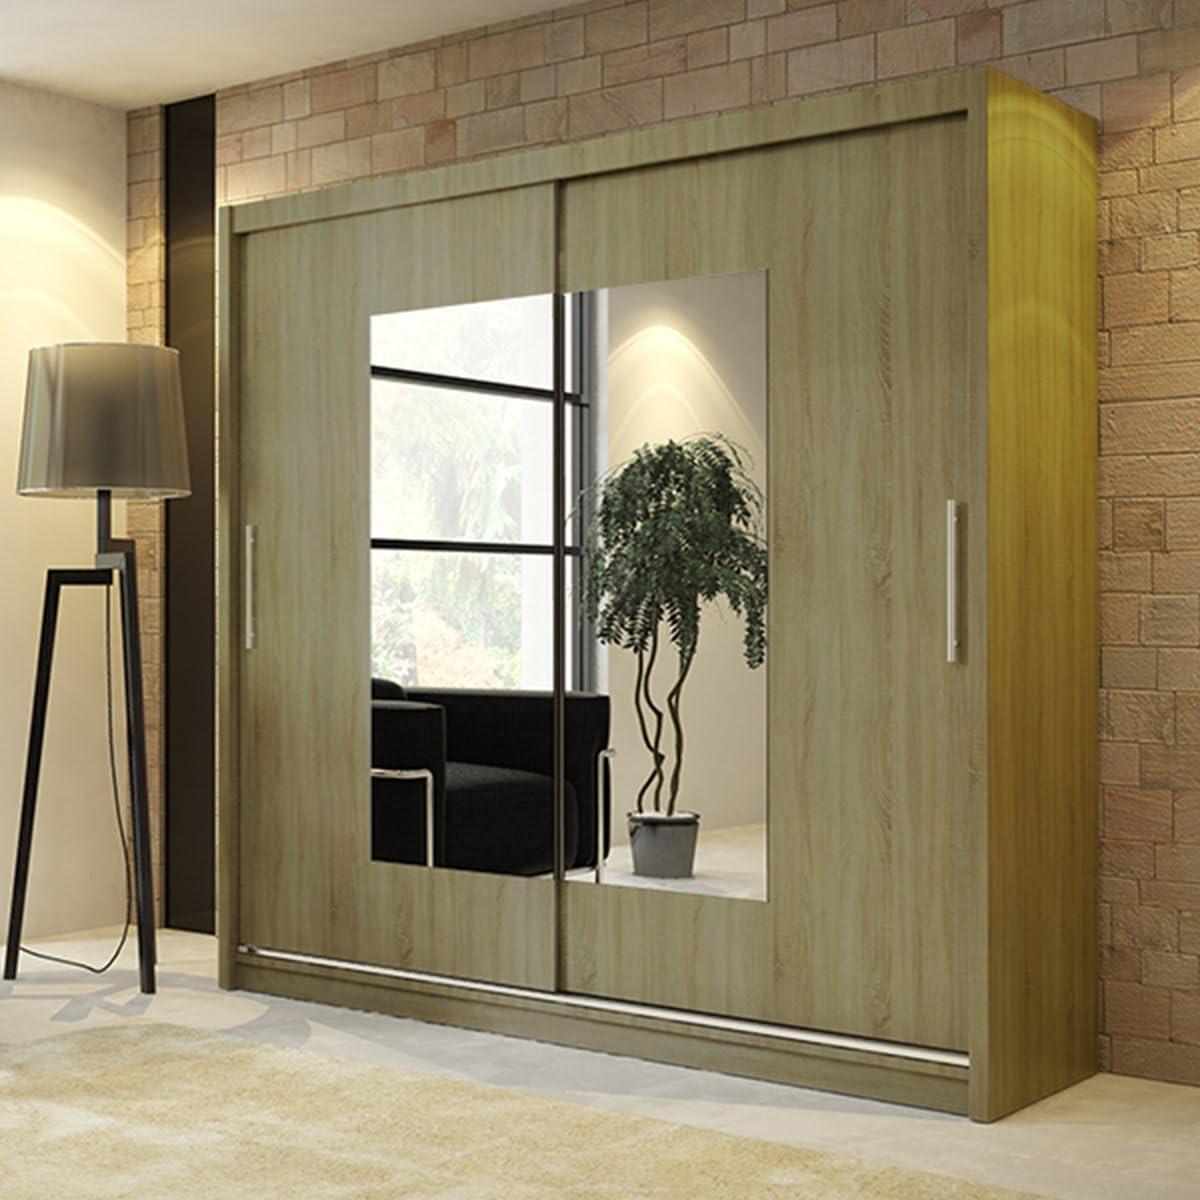 Nuevo moderno armario Ava 6 Espejo 2 puertas correderas dormitorio armario ancho 180 cm/5,9 m: Amazon.es: Hogar